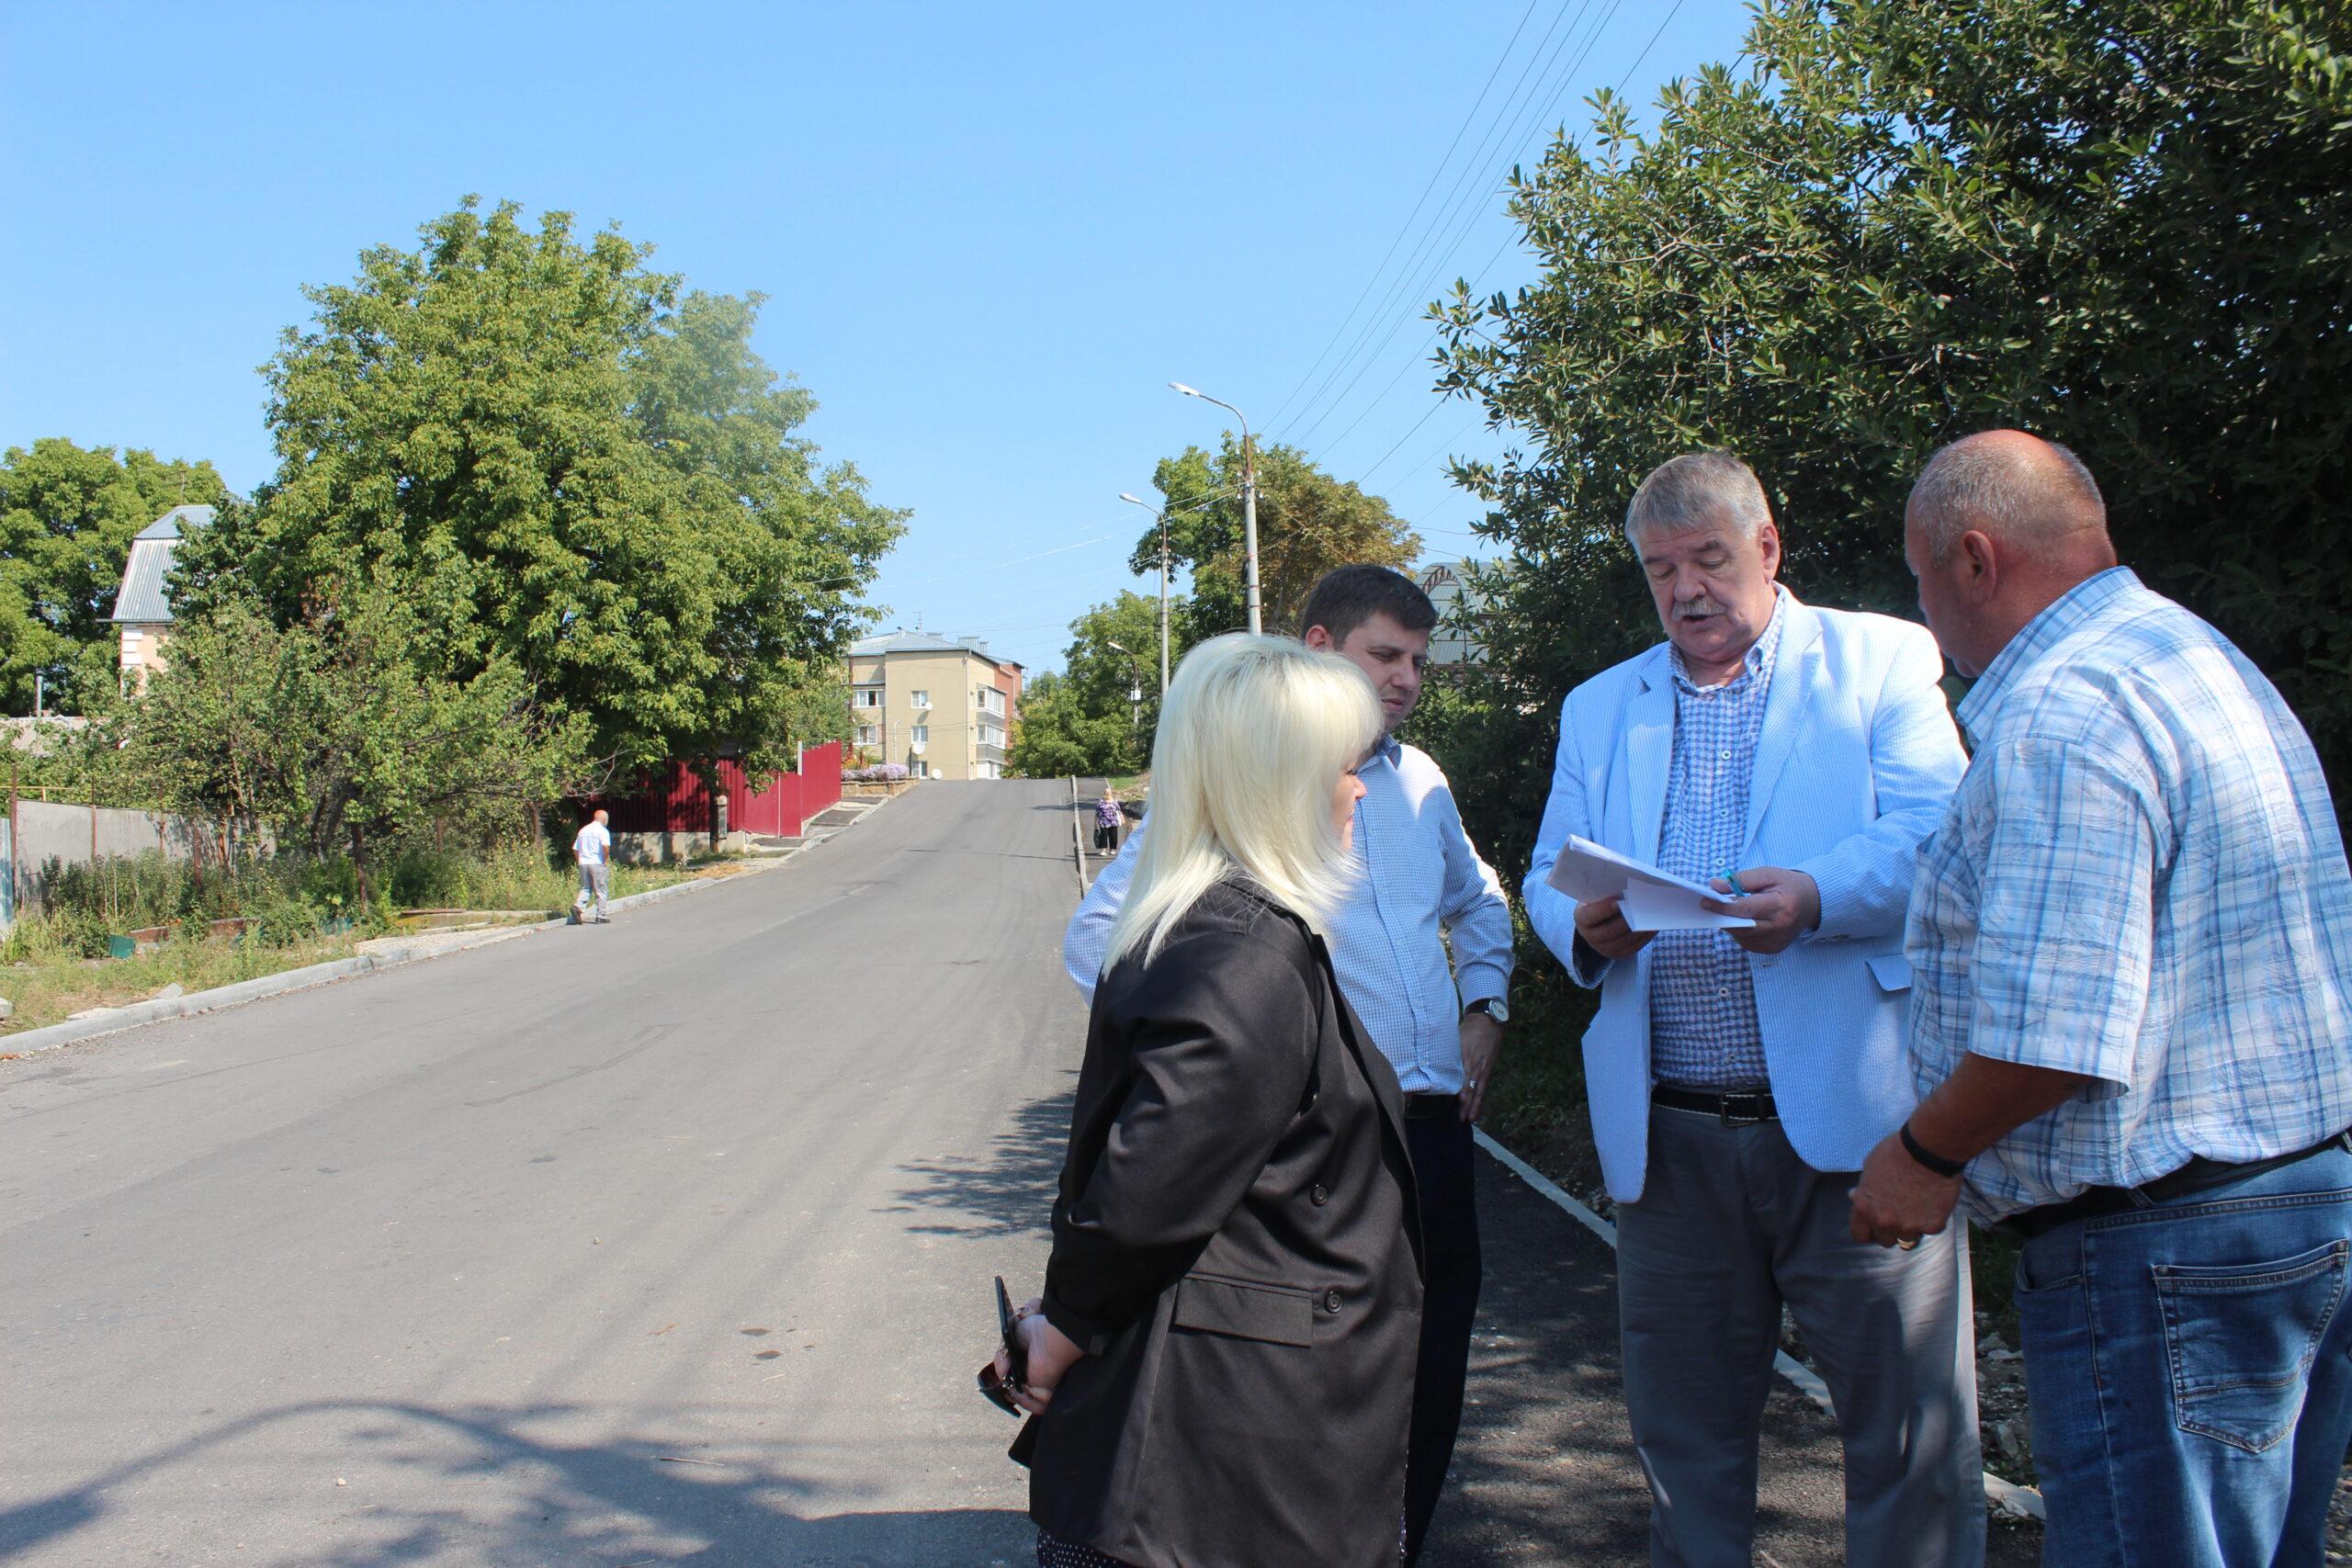 Несмотря на нехватку бюджета, в Кисловодске в этом году обещают отремонтировать 16 улиц